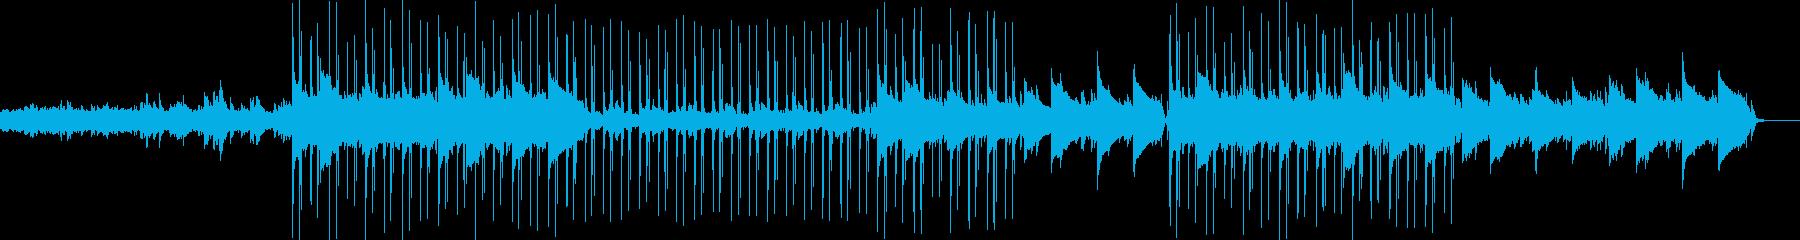 ダークでシリアスなLofiの再生済みの波形